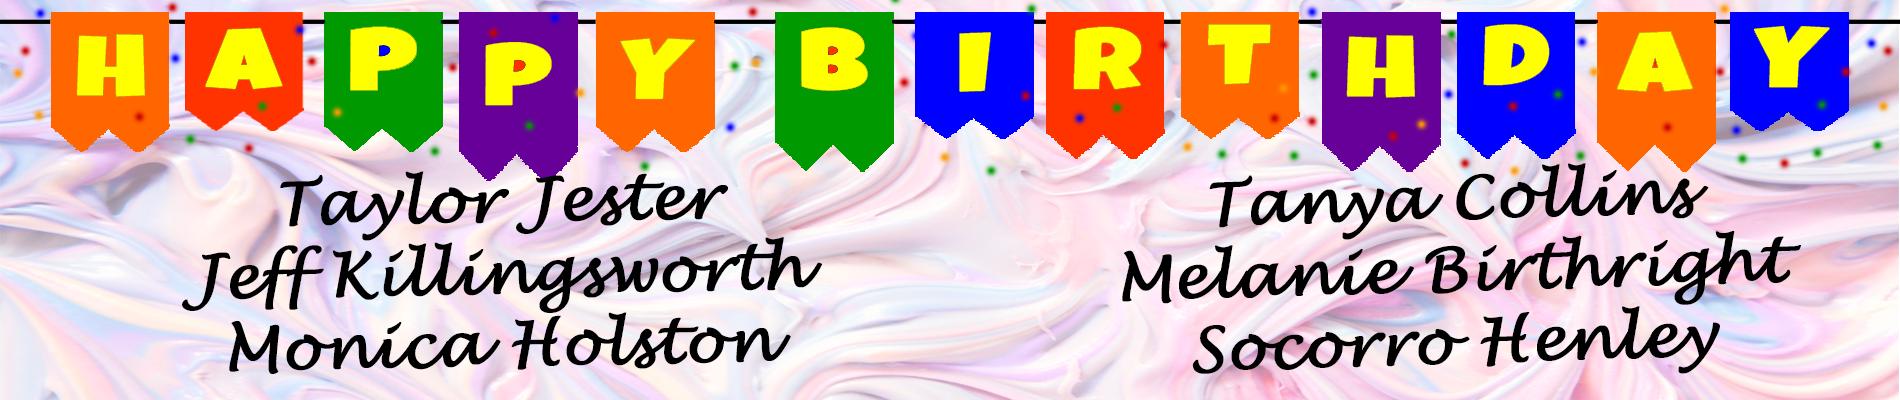 september birthday banner